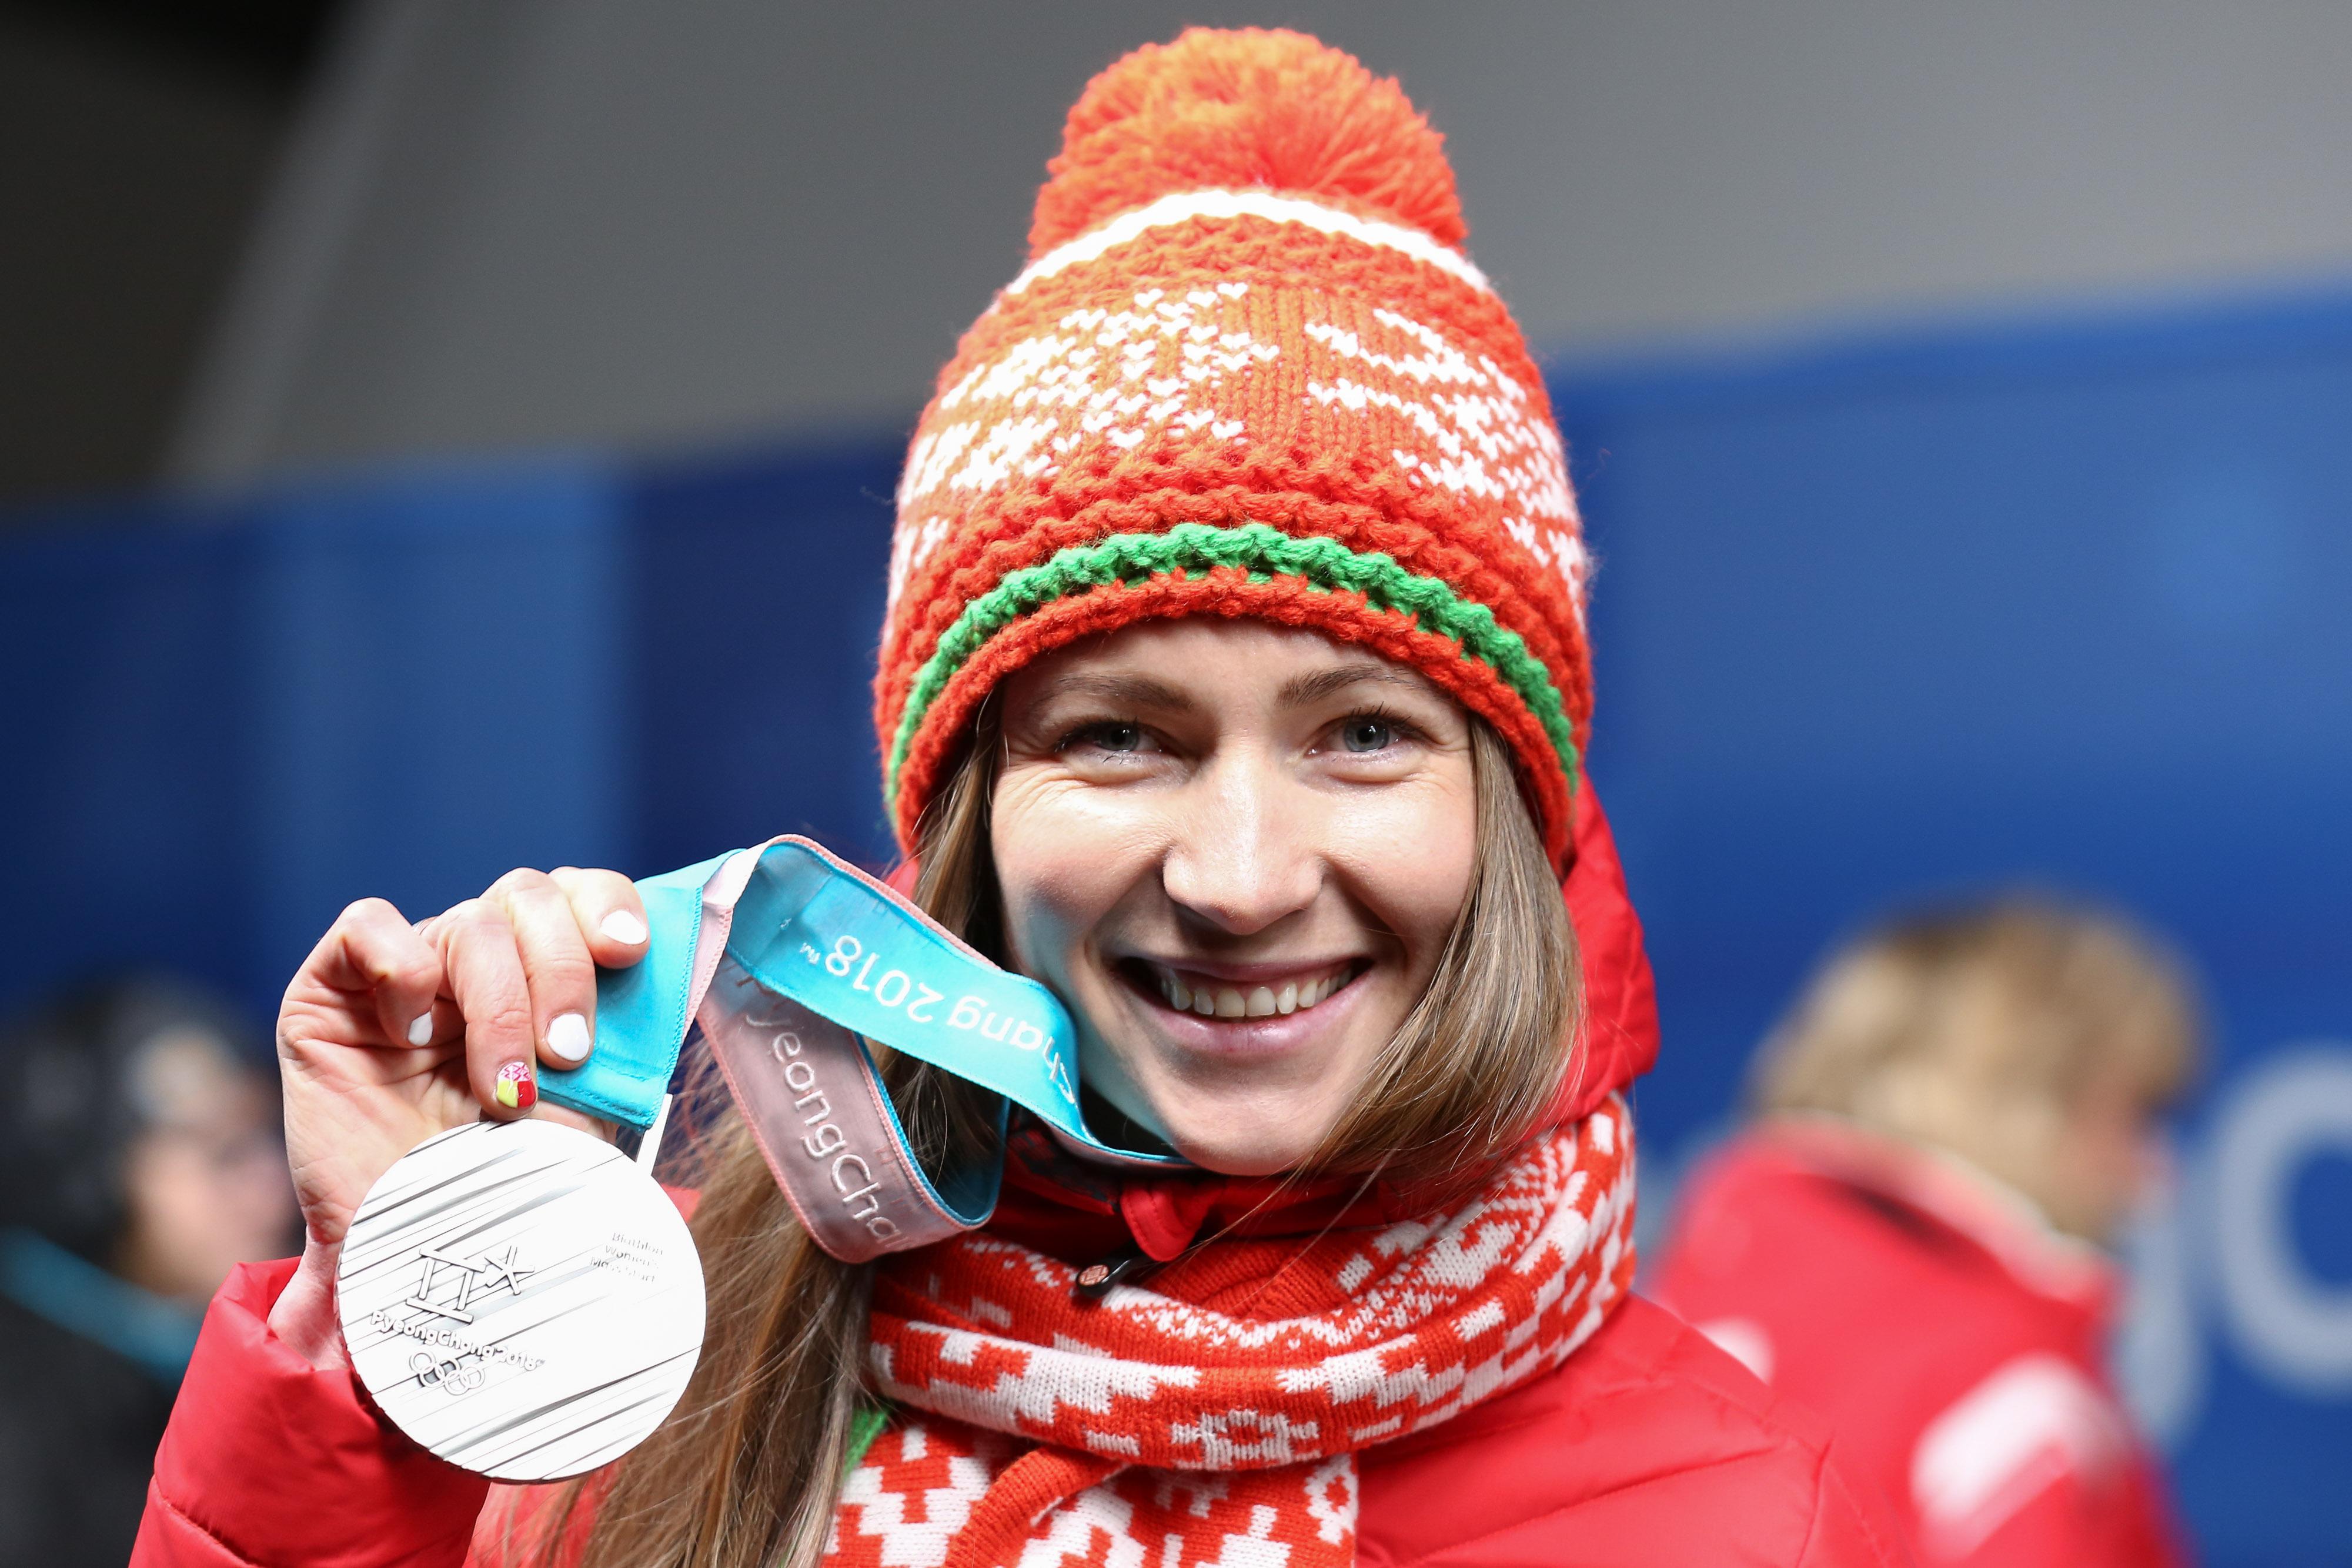 La campeona olímpica de biatlón Darya Domracheva cuelga sus esquís